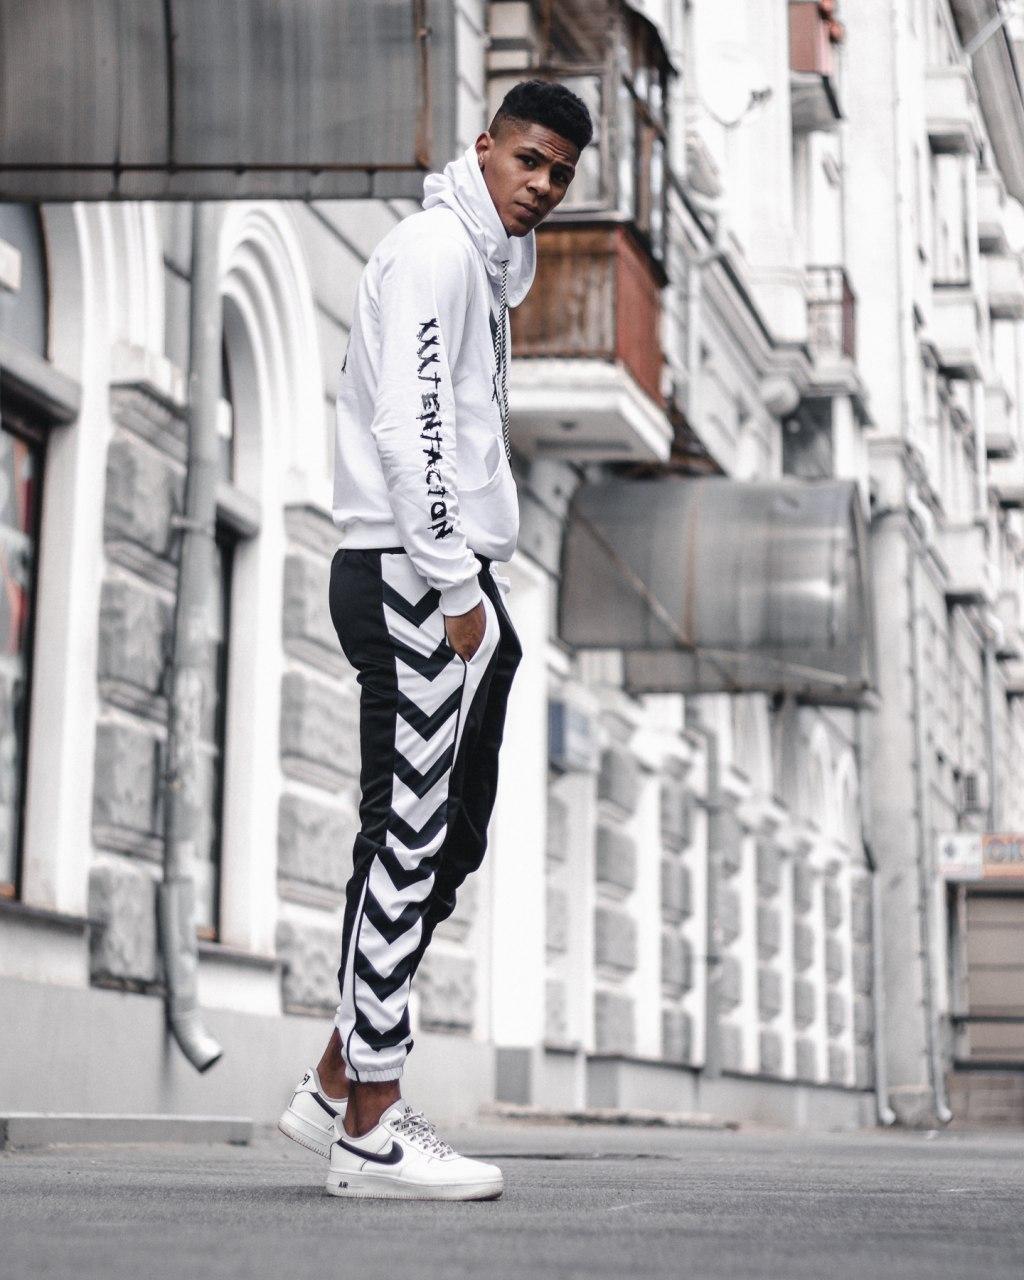 Мужской спортивный костюм XXXTentacion белый, худи - штаны на манжете лето/весна/осень M